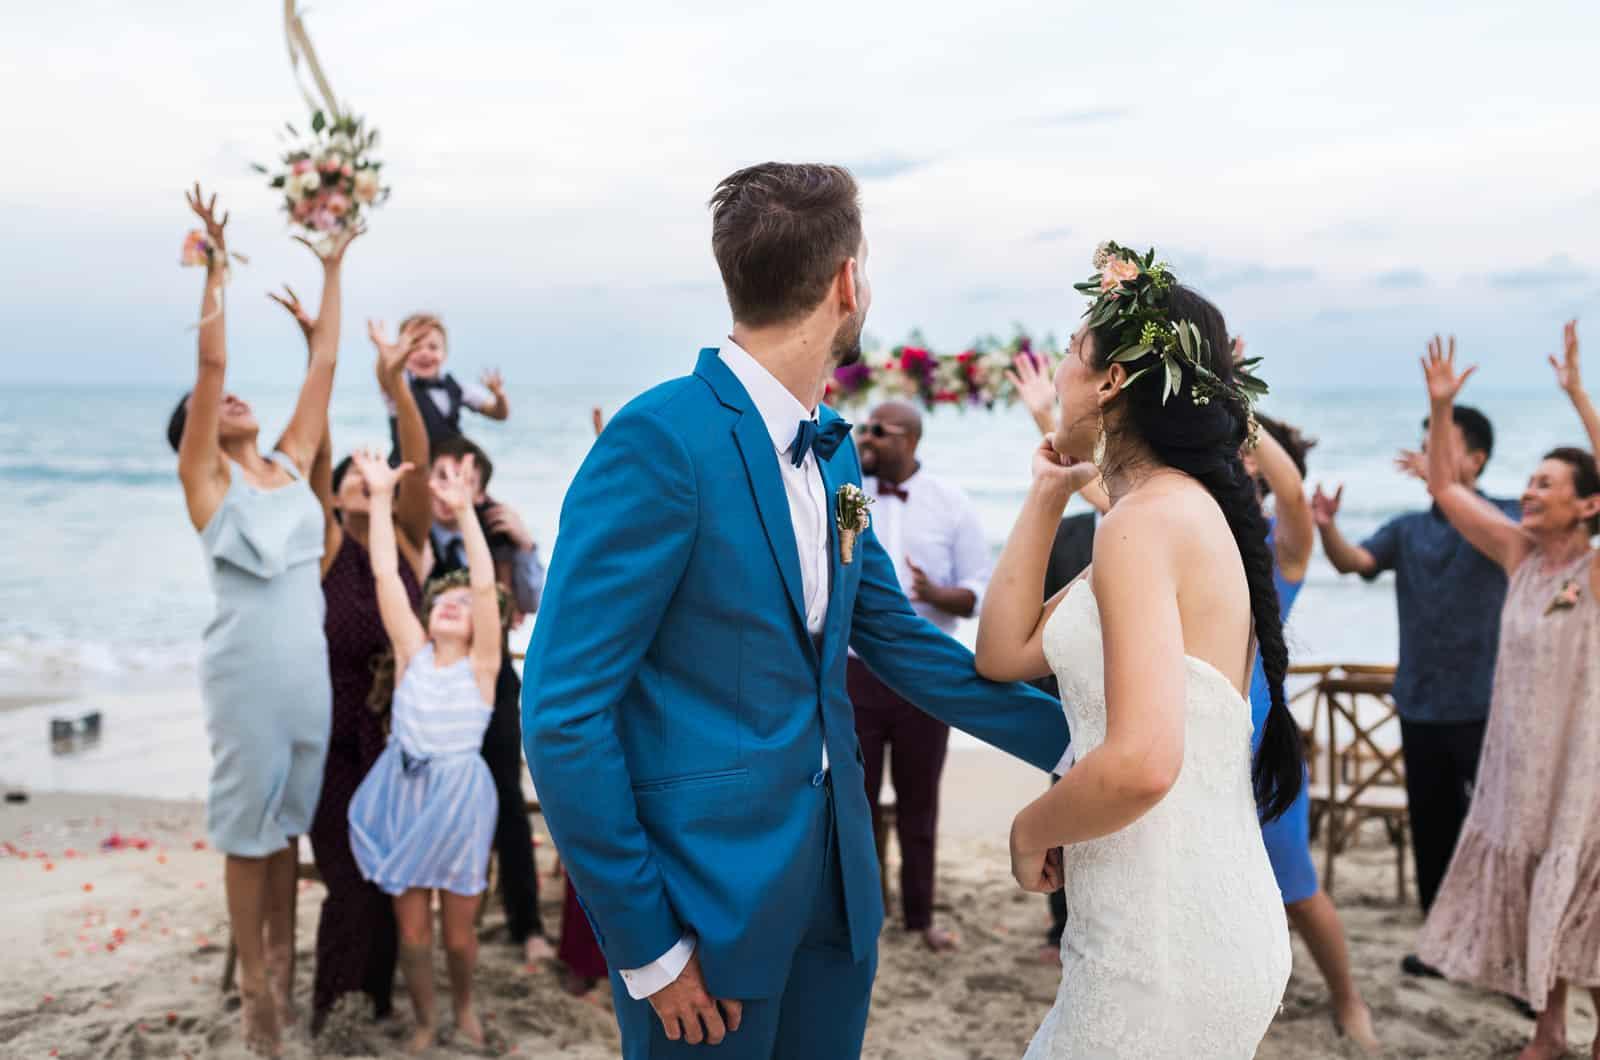 Braut und Bräutigam bei einer Hochzeit im Freien